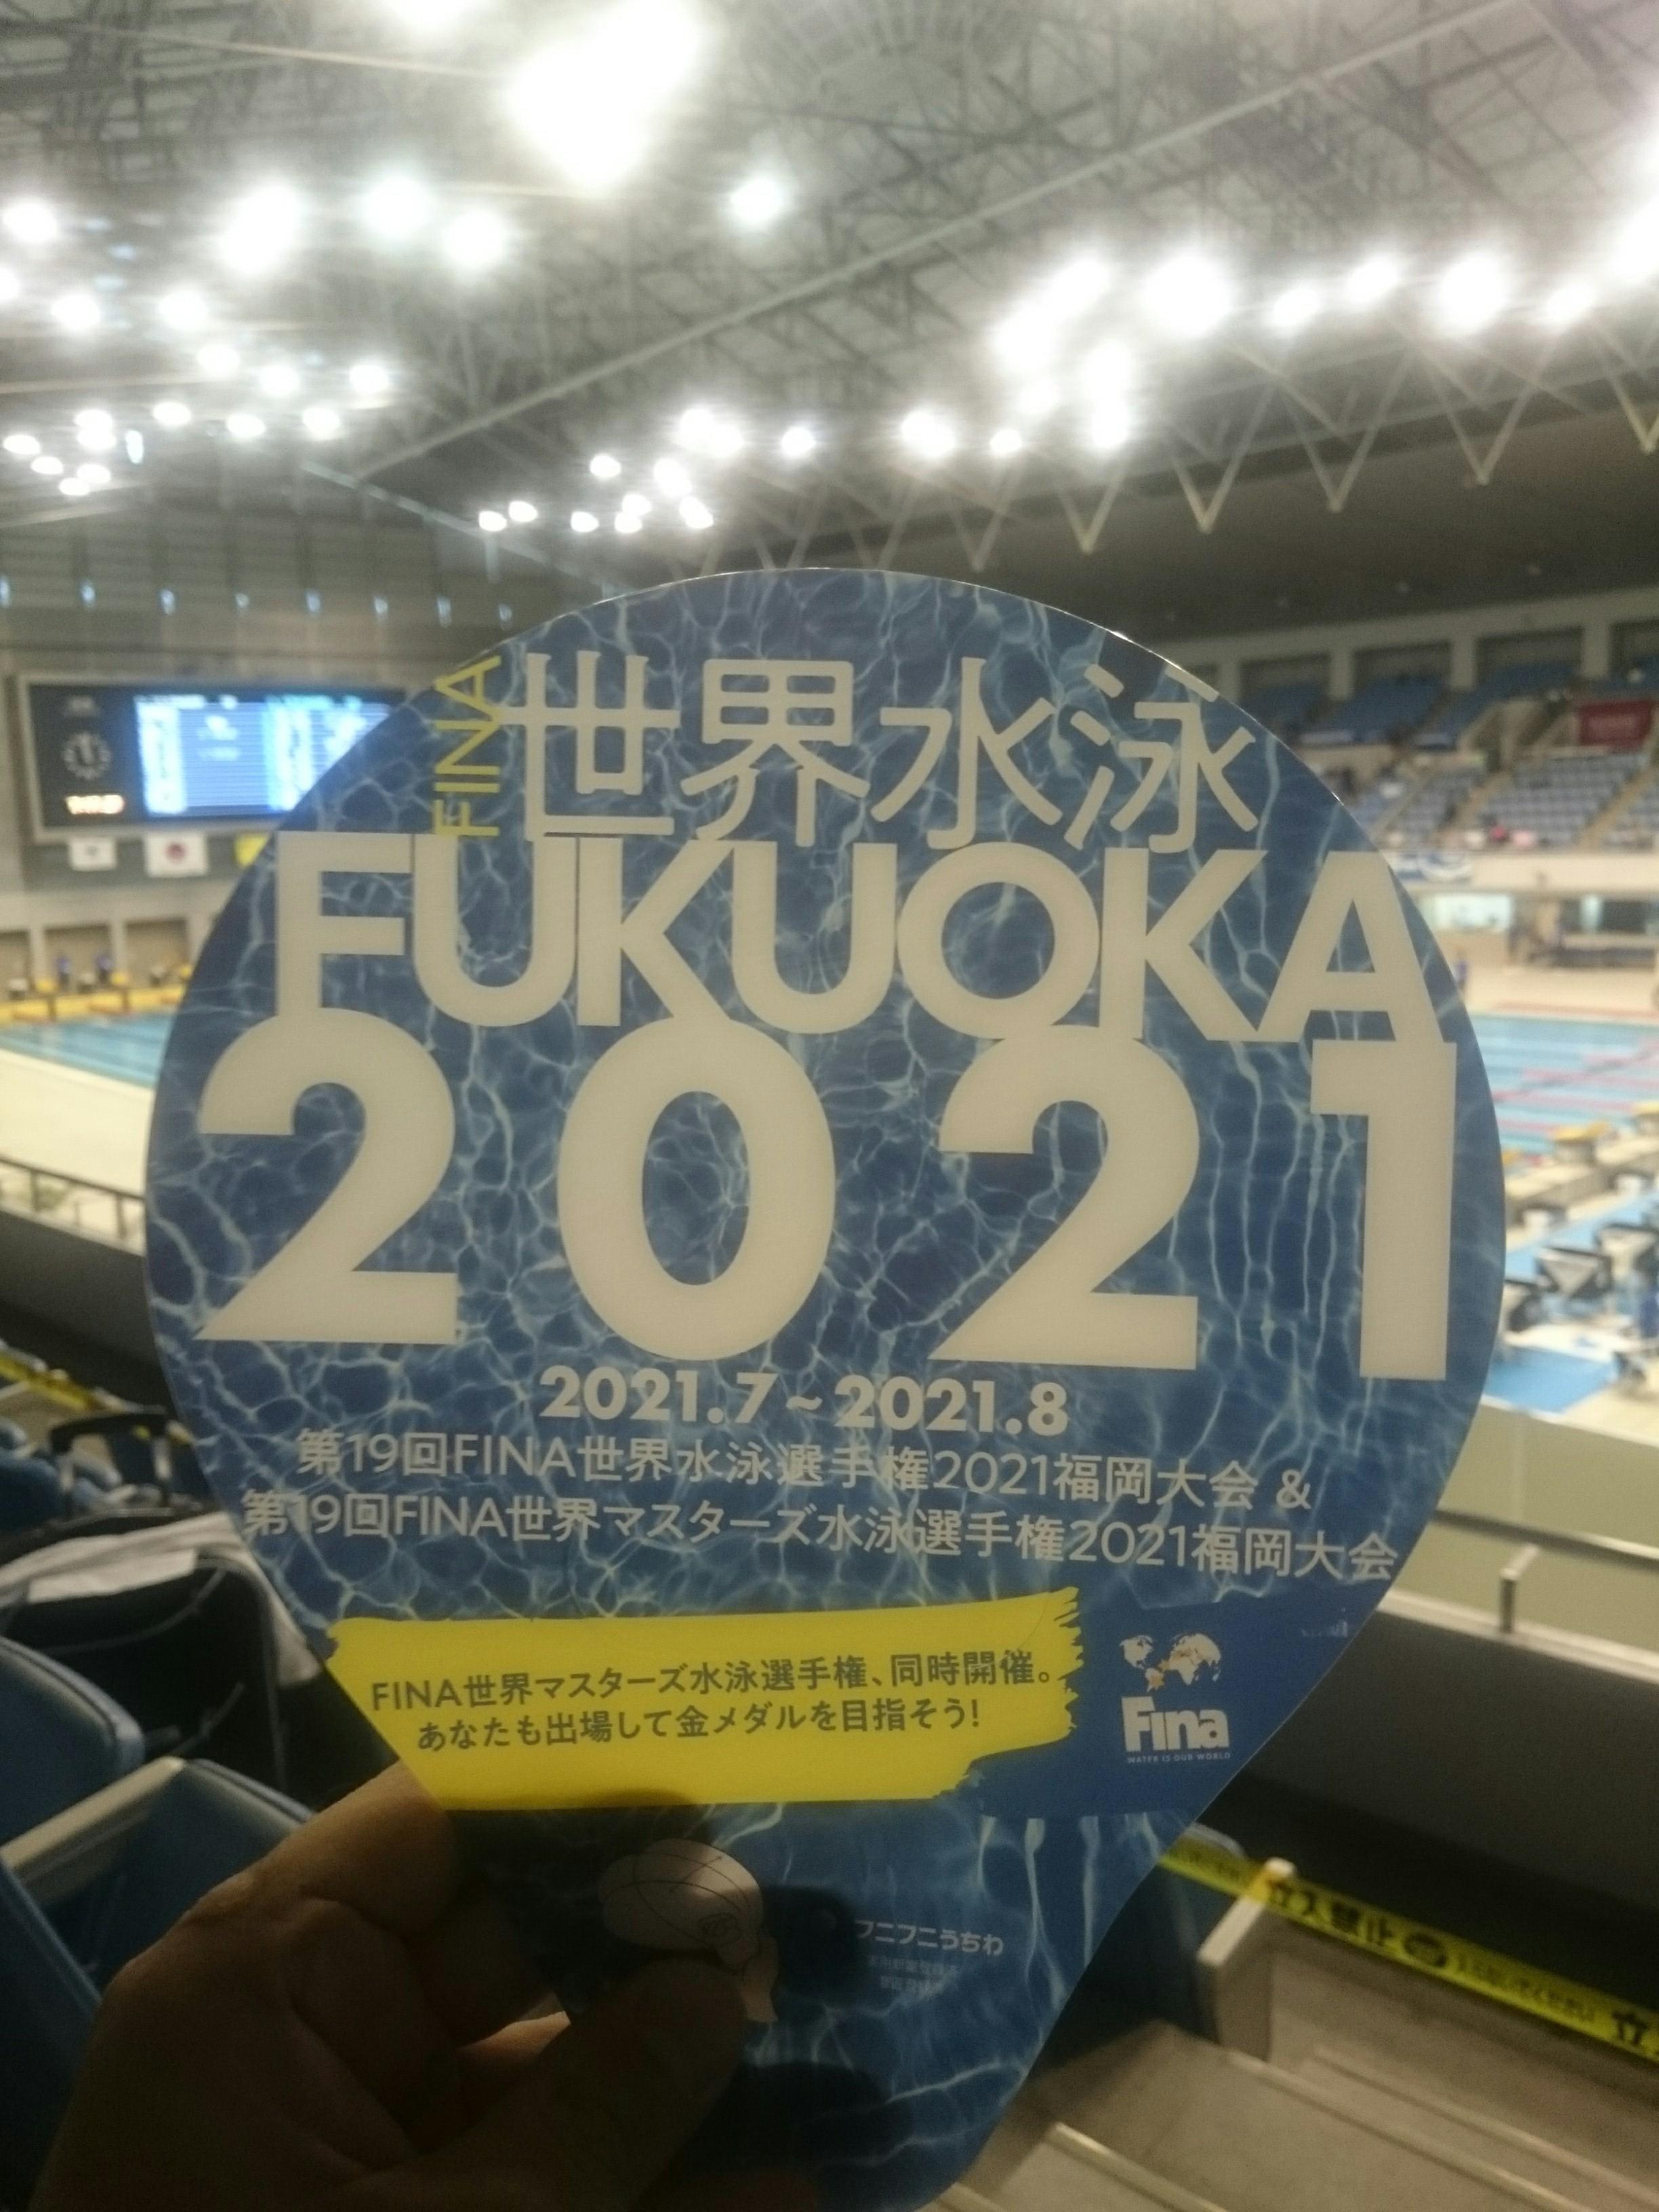 世界水泳2021福岡